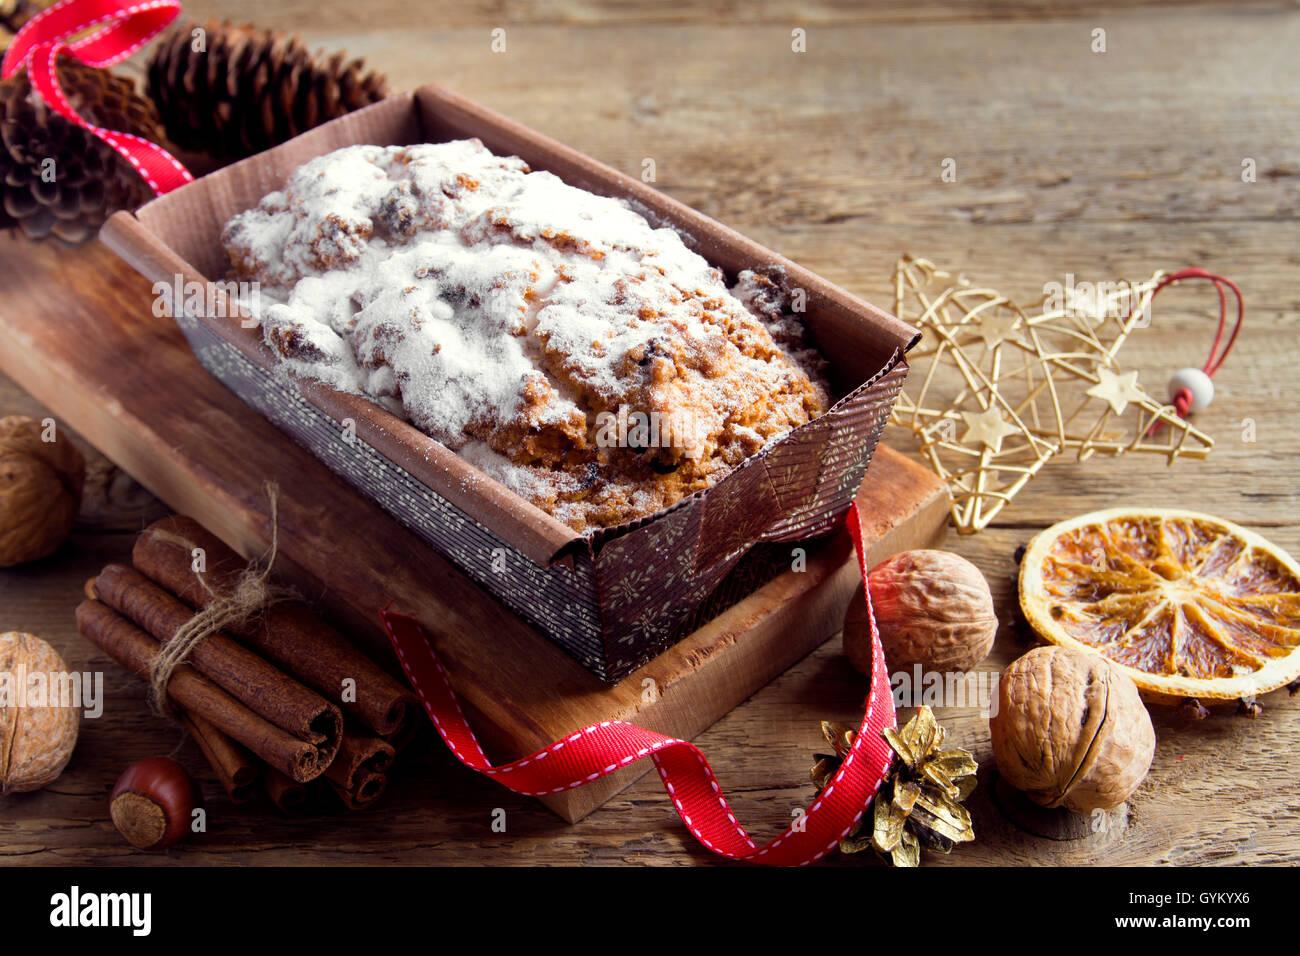 Traditionelle Früchtebrot für Weihnachten Dekoration mit Ornamenten - hausgemachte Weihnachten Gebäck Stockfoto